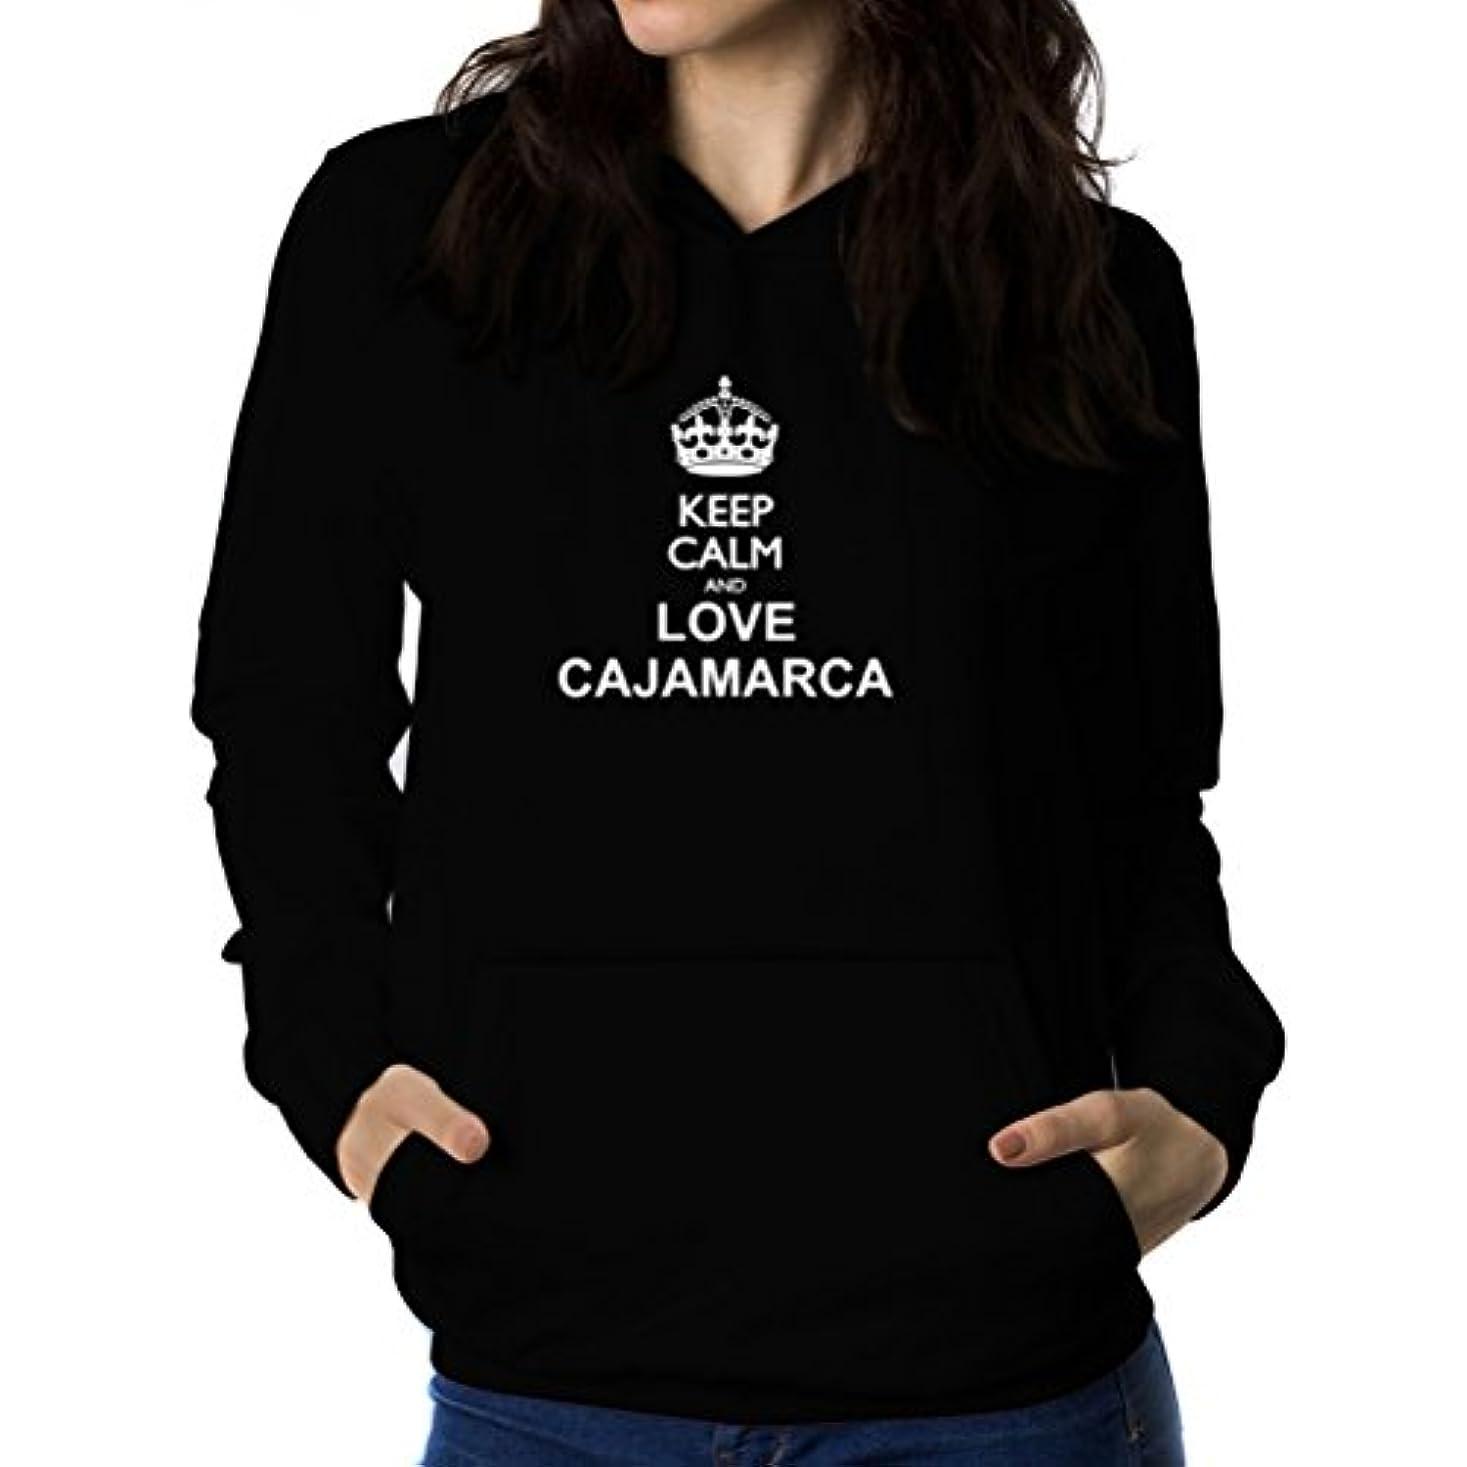 津波荒らす意気込みKeep calm and love Cajamarca 女性 フーディー